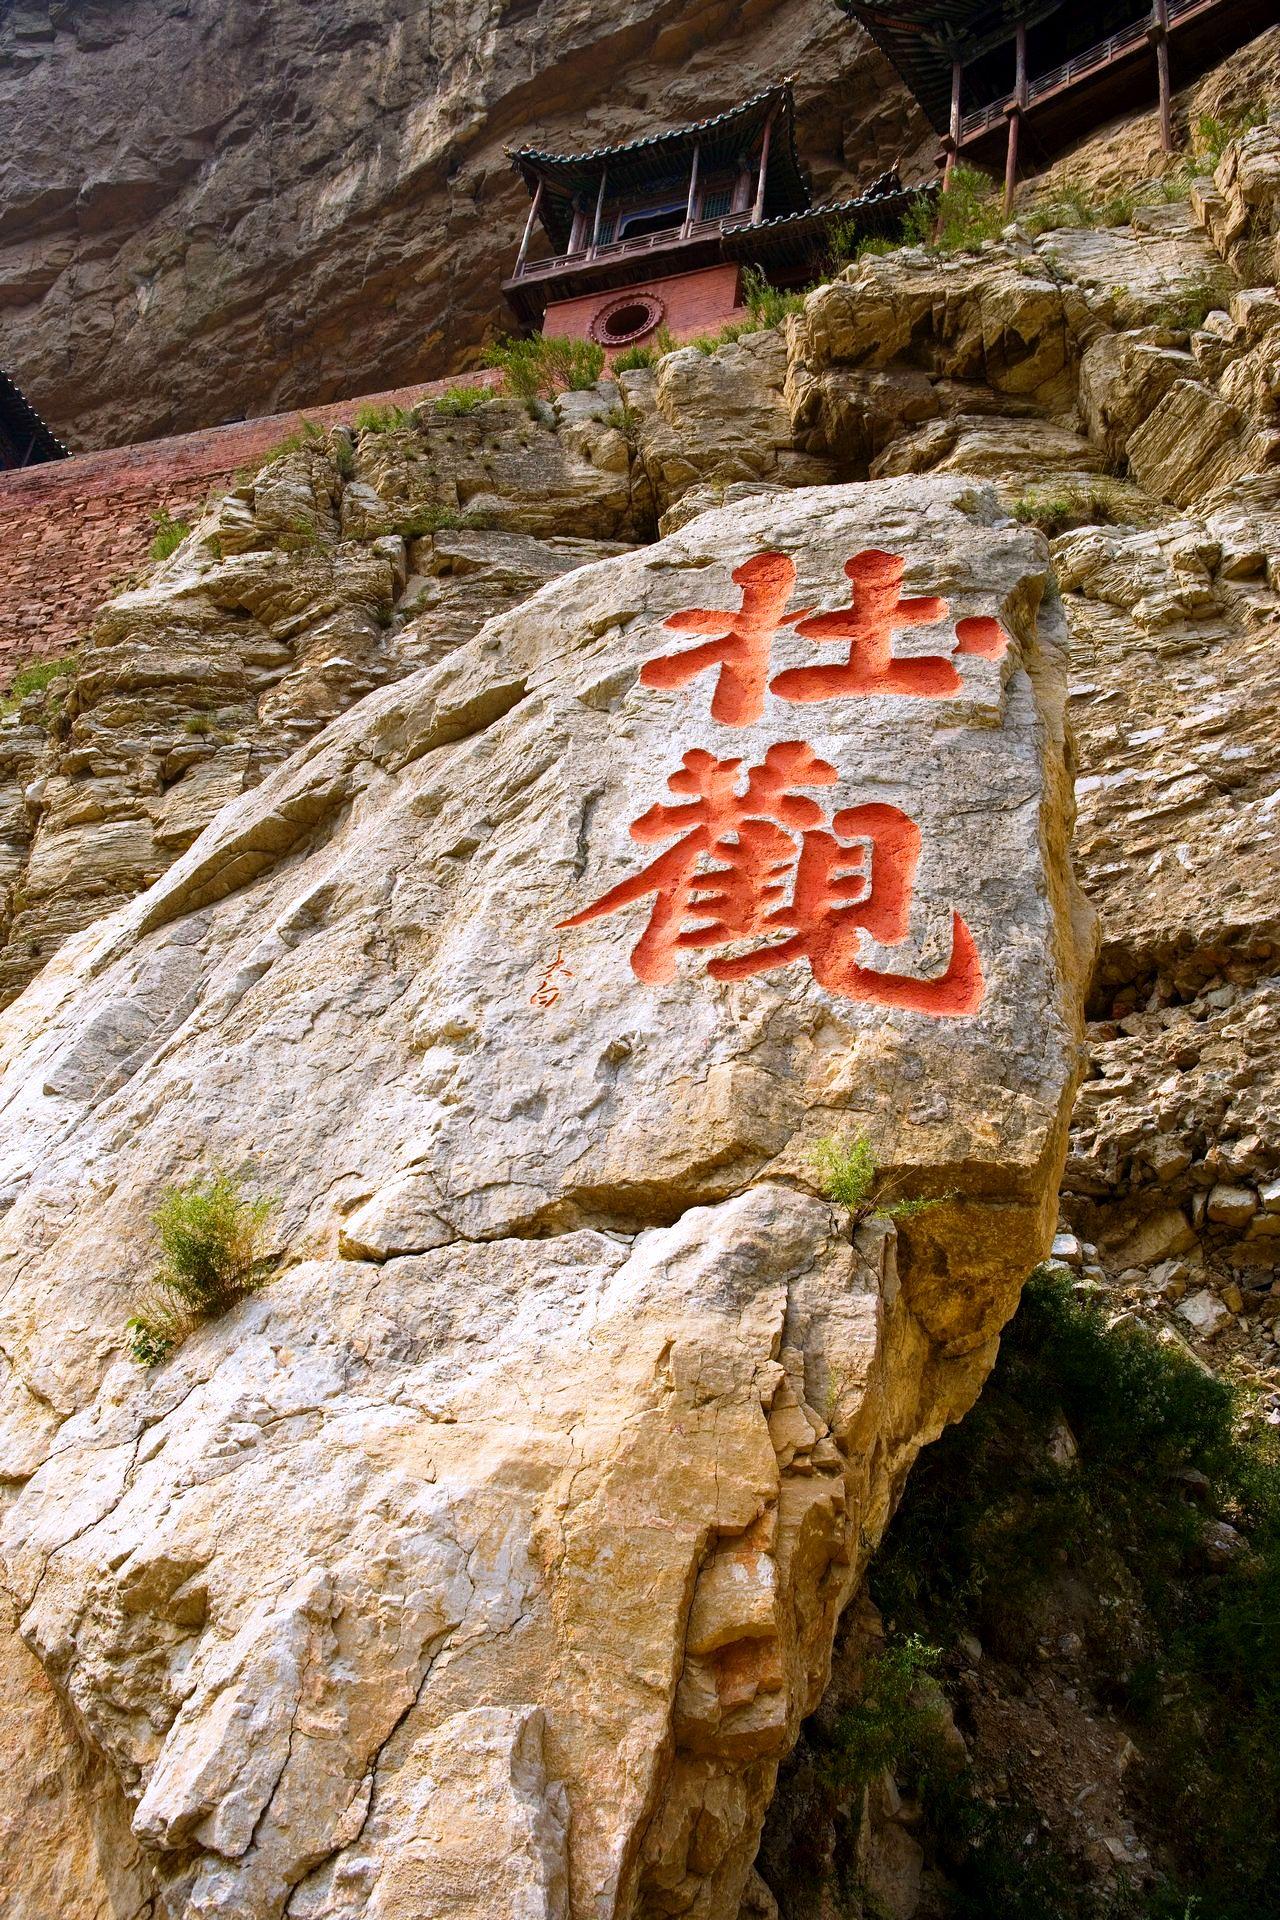 камень висячего монастыря